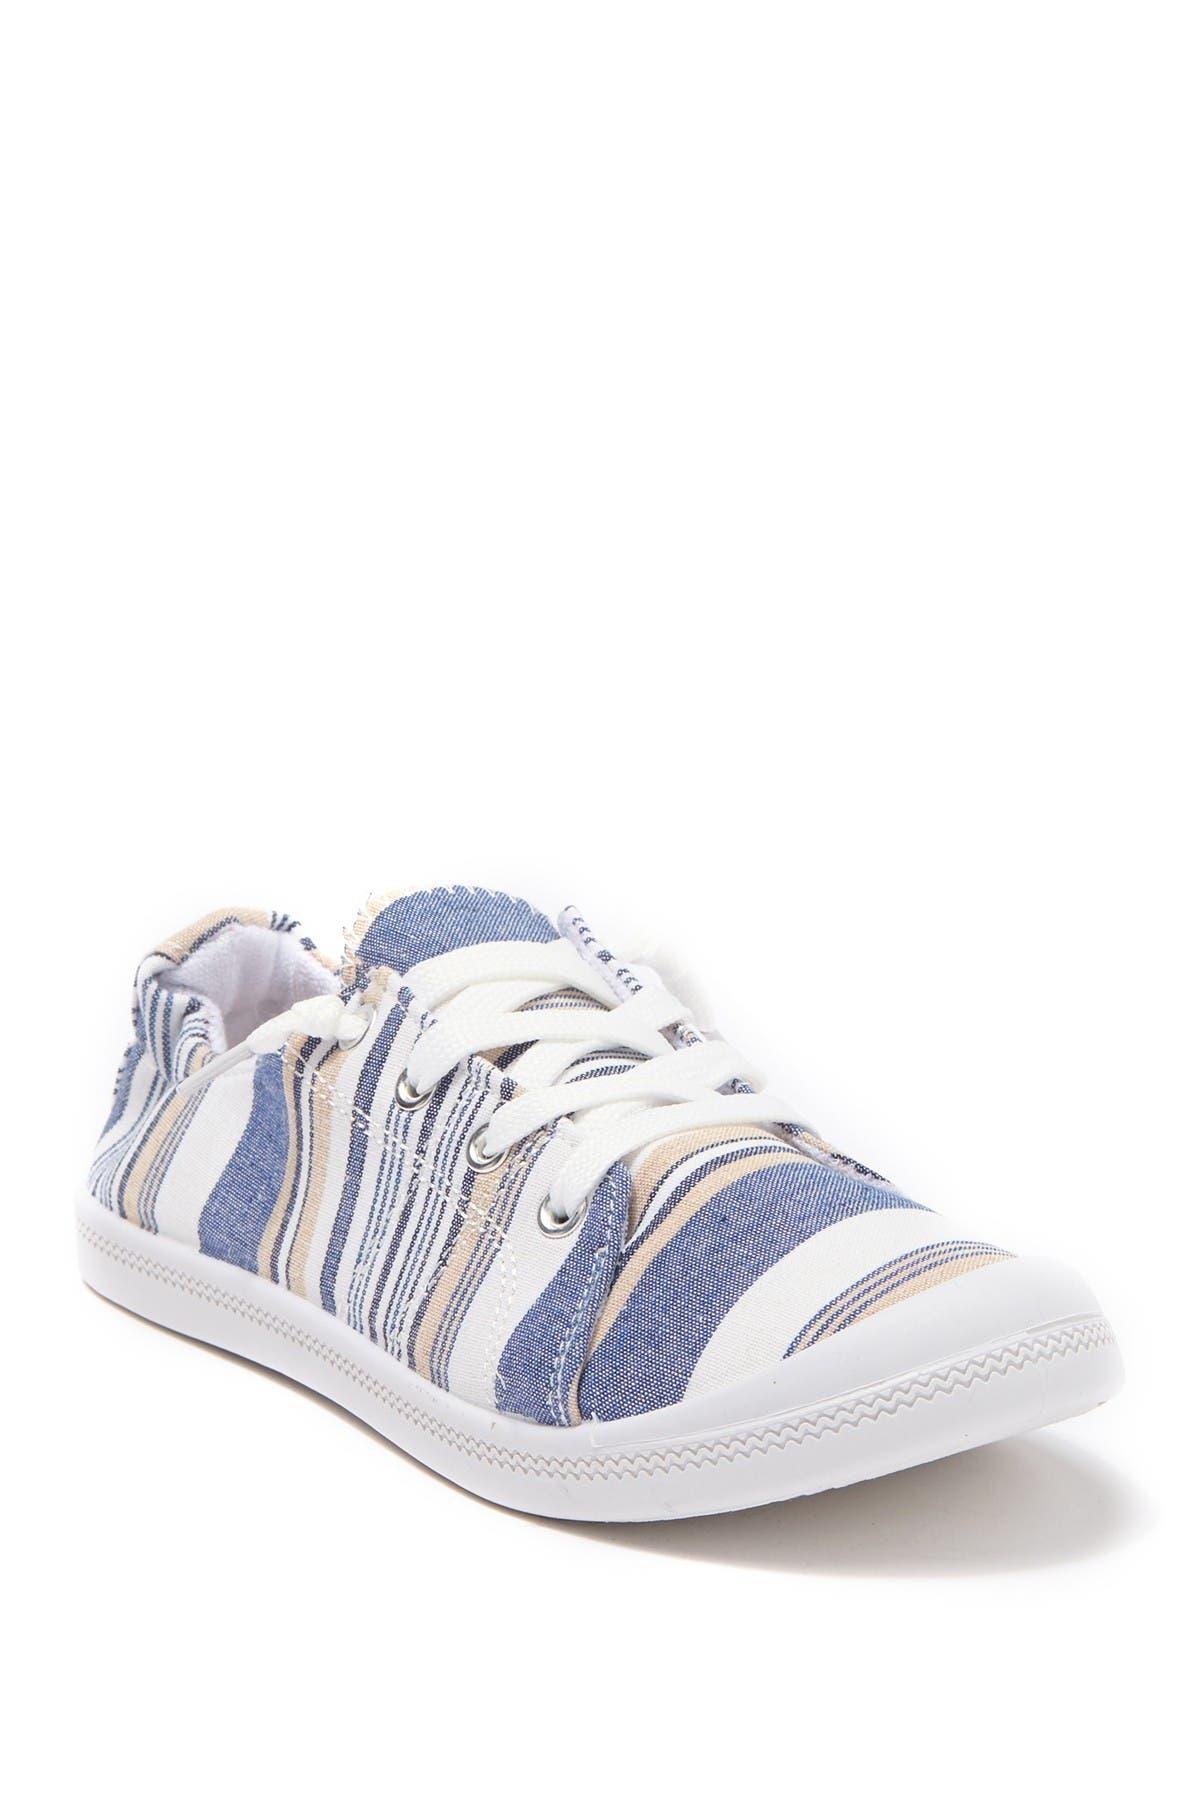 C \u0026 C California | Scrunch Back Sneaker